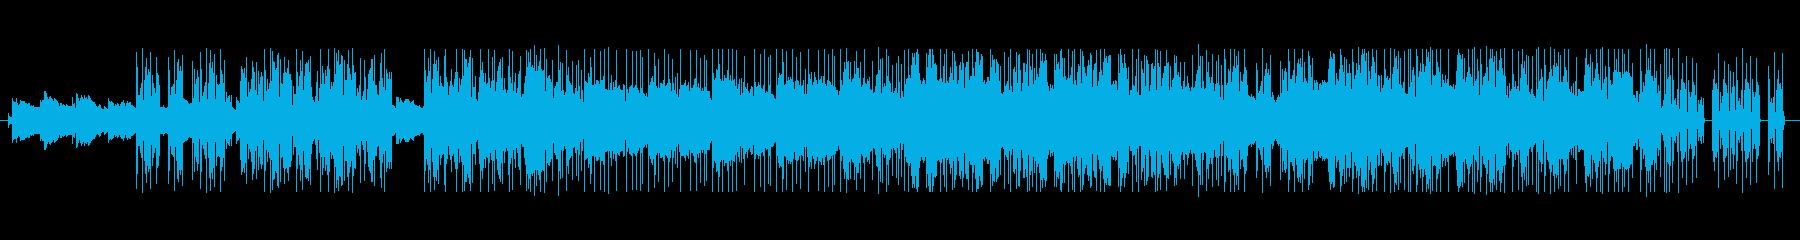 リズミカルで幻想的なアンビエントテクノの再生済みの波形